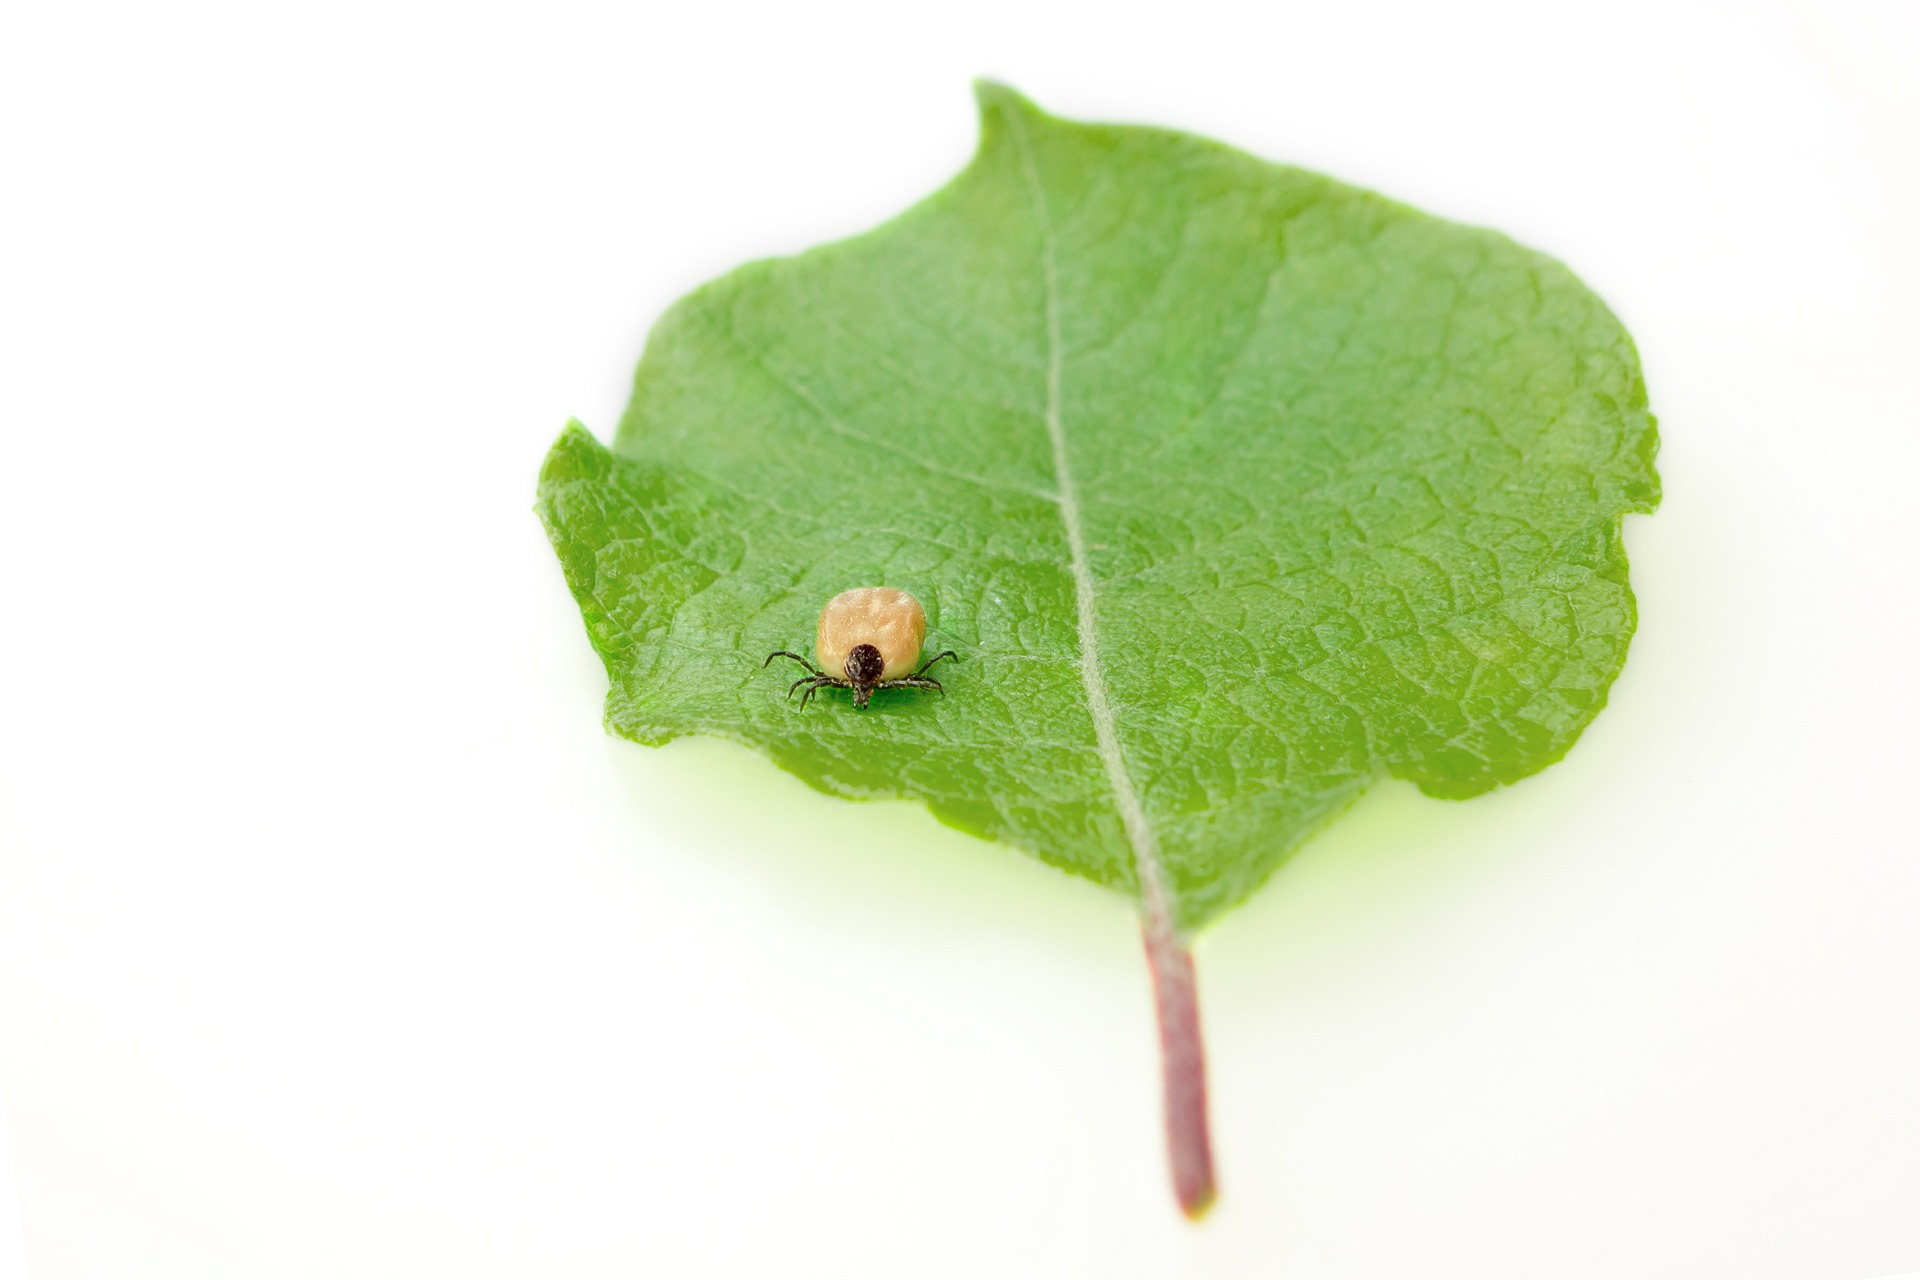 tick-on-leaf.jpg